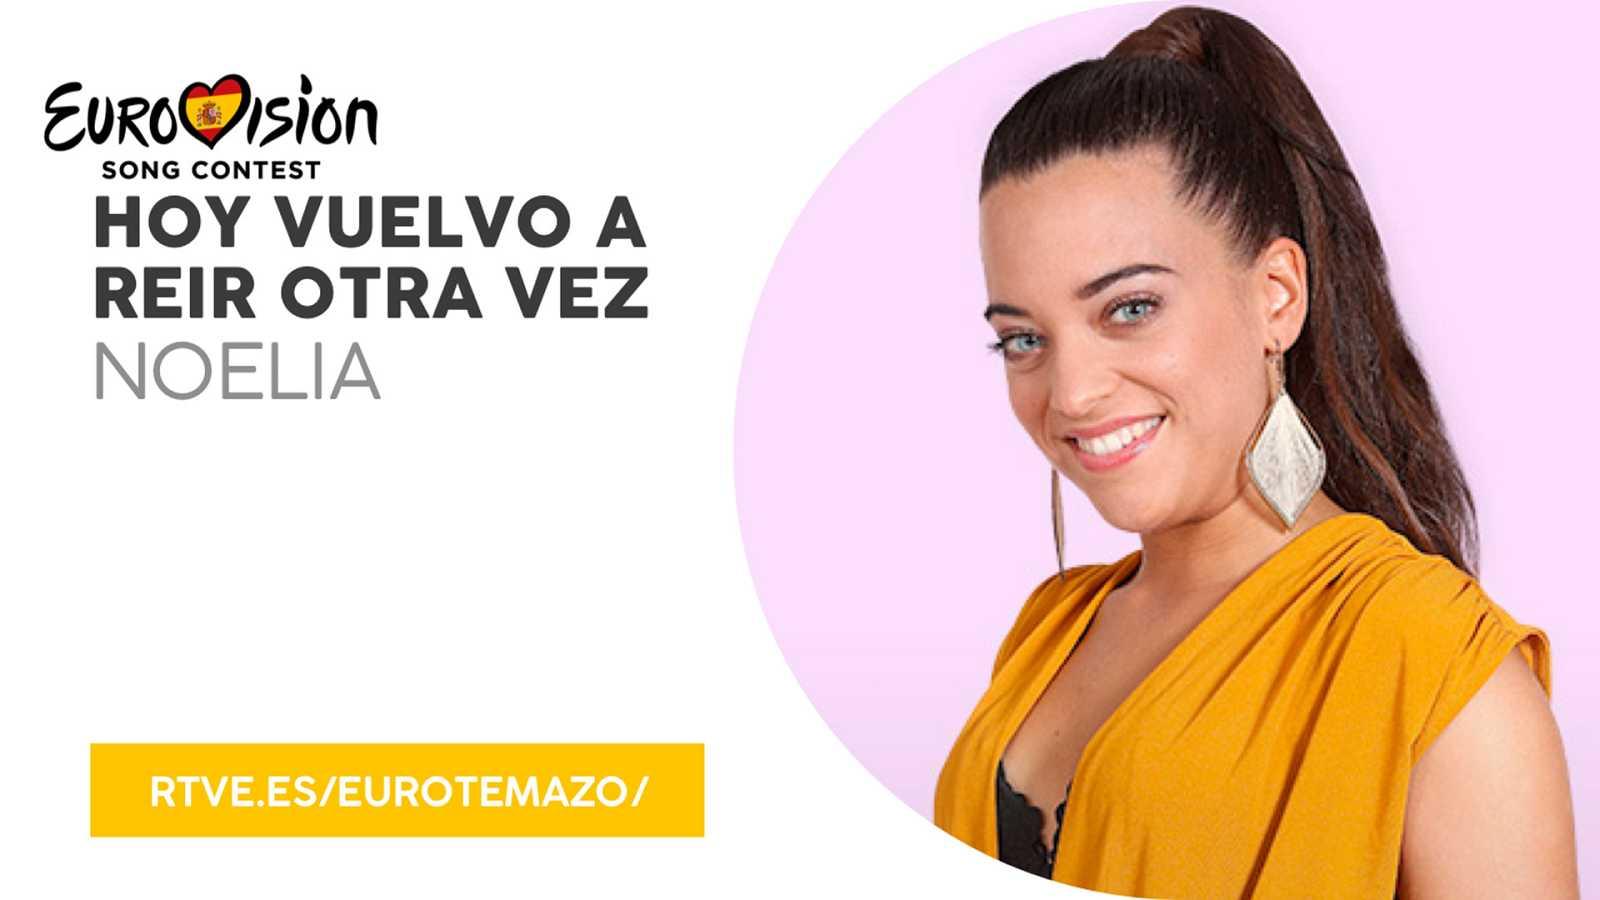 """Eurovisión 2019 - Eurotemazo: Escucha """"Hoy vuelvo a reír otra vez"""" de Noelia"""